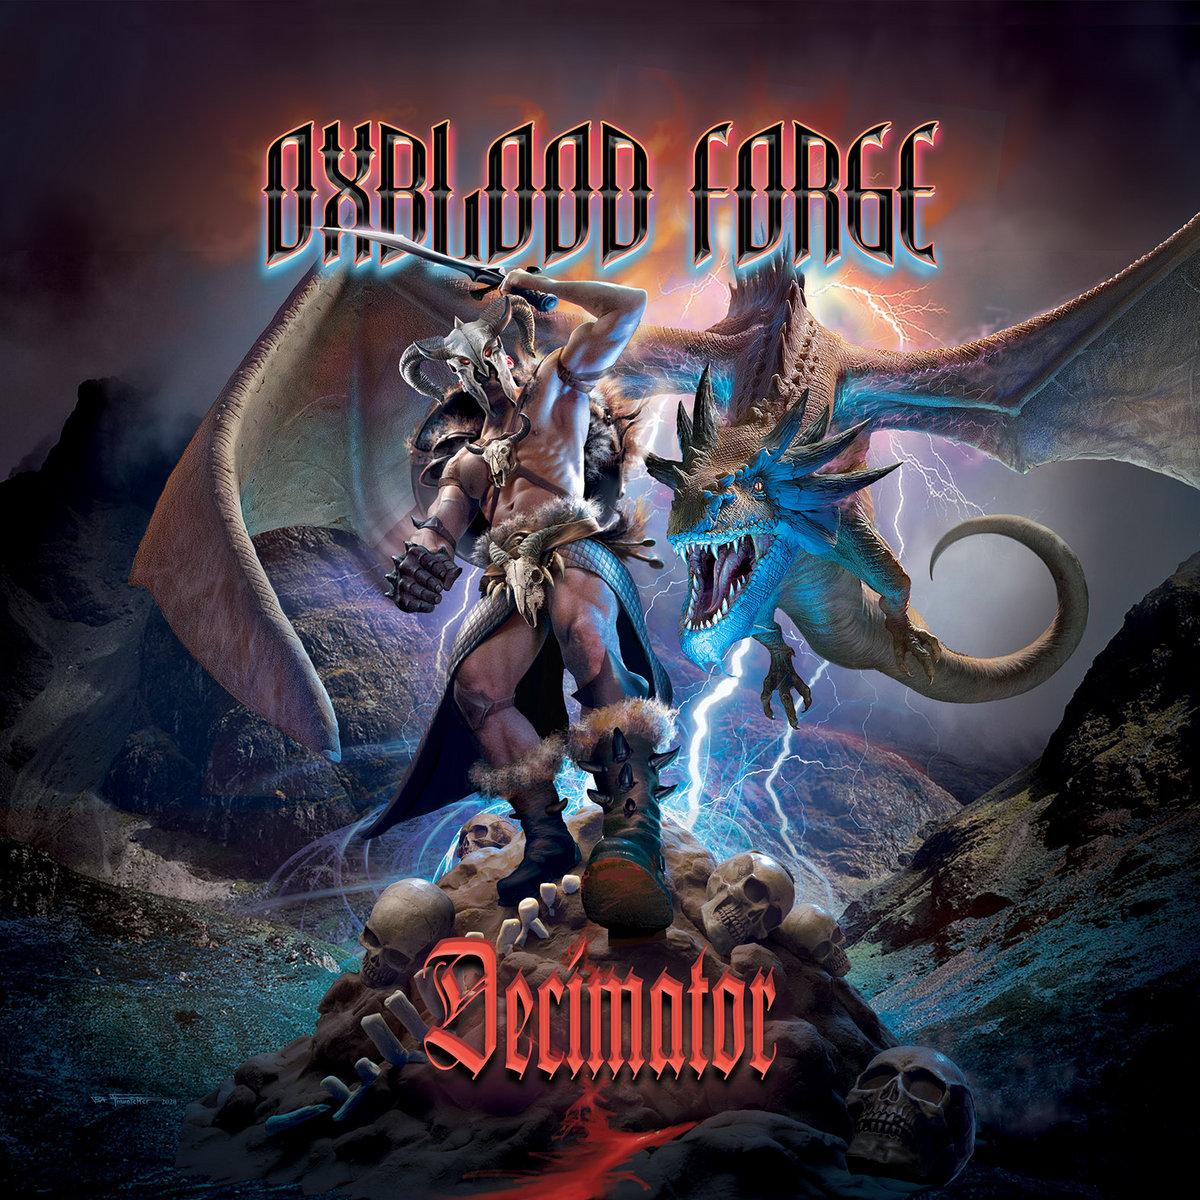 Oxblood Forge Decimator